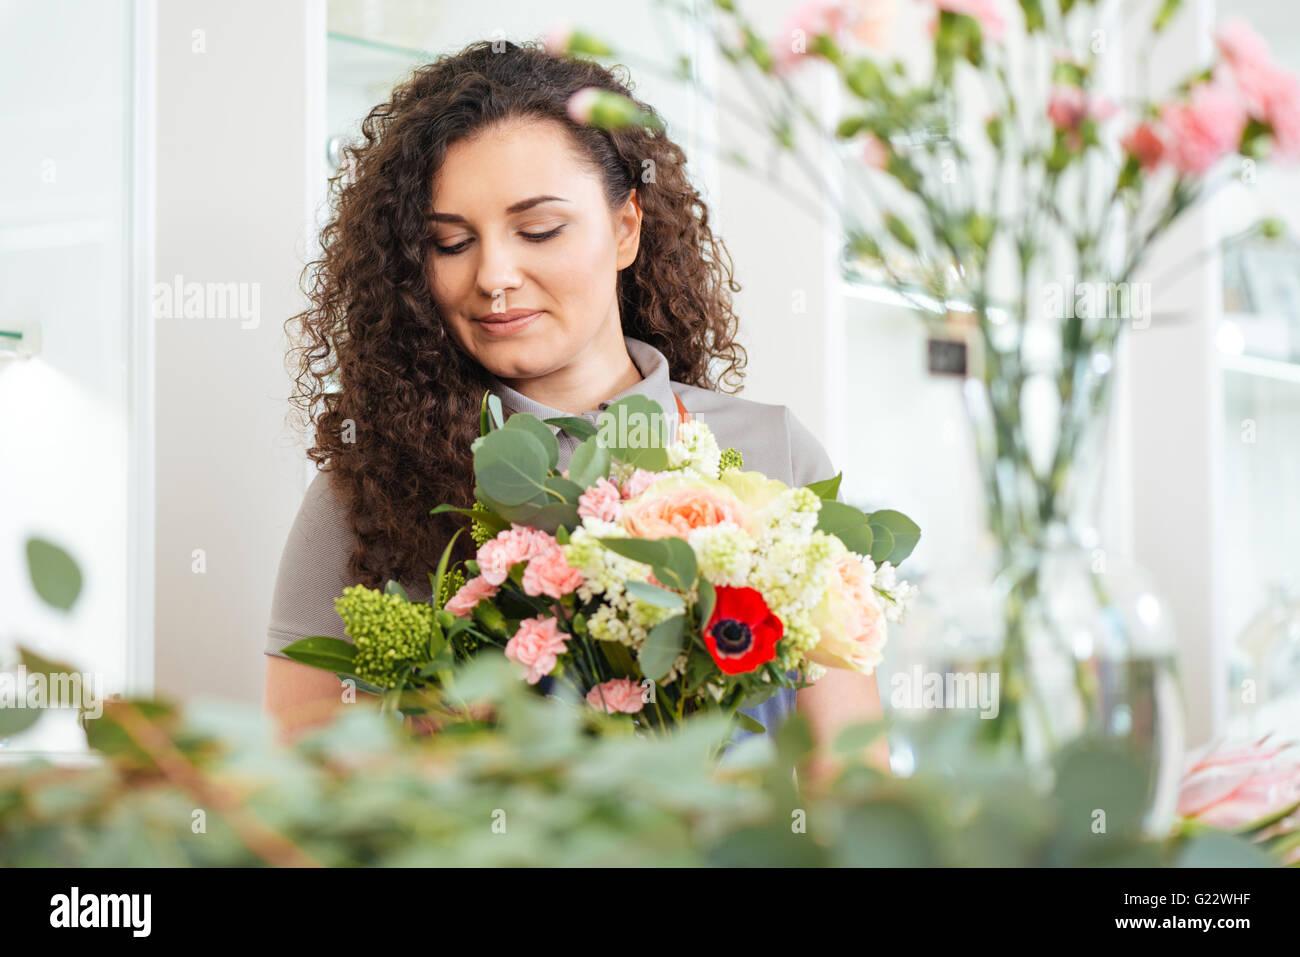 Porträt von schönen lockigen jungen Frau Floristen mit Blumenstrauß arbeitet in shop Stockbild